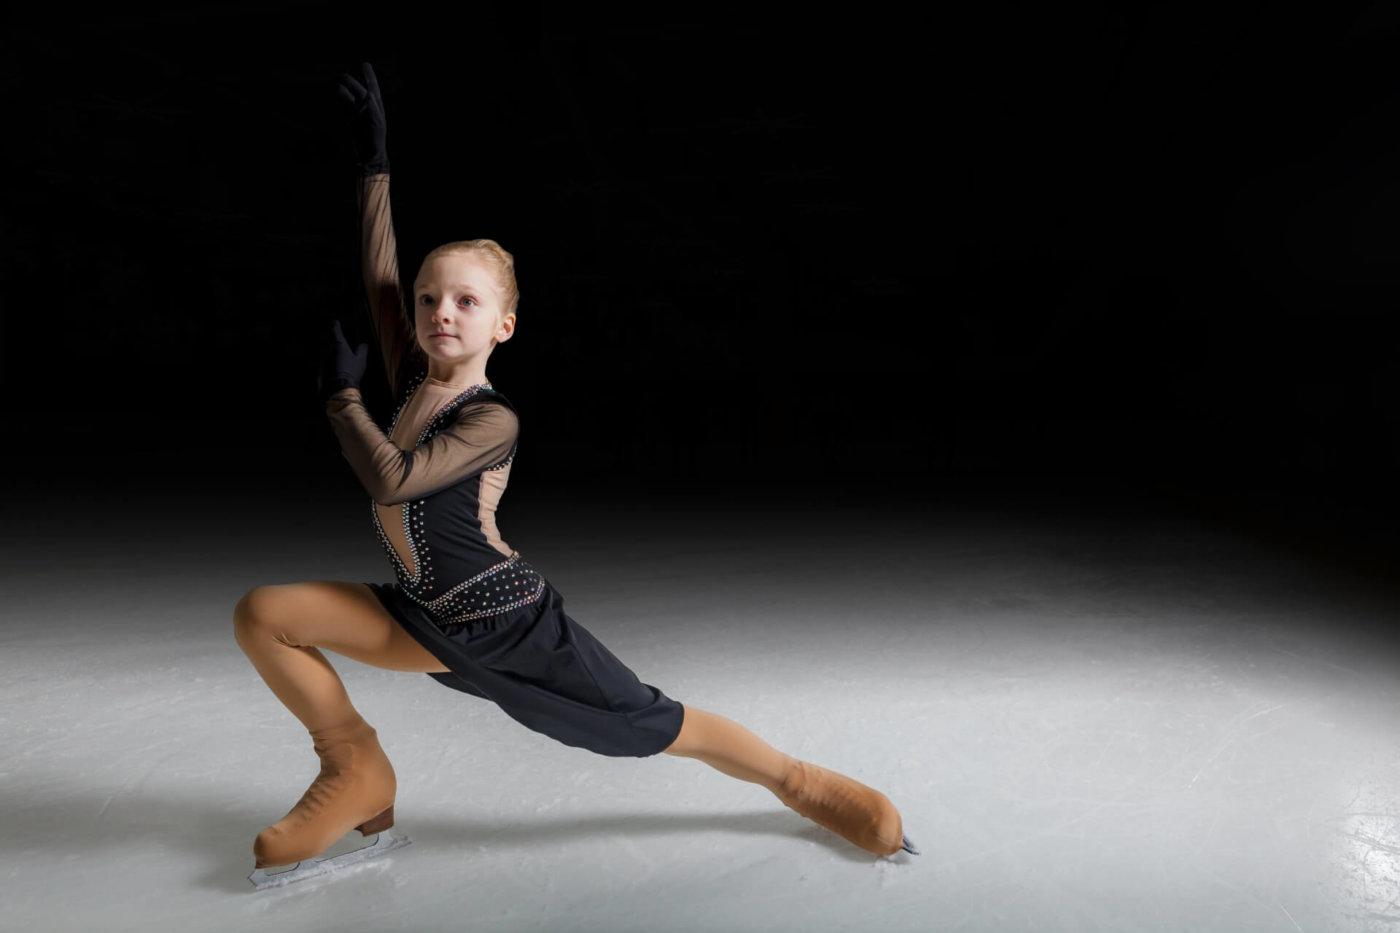 スケート滑り方のコツ3選